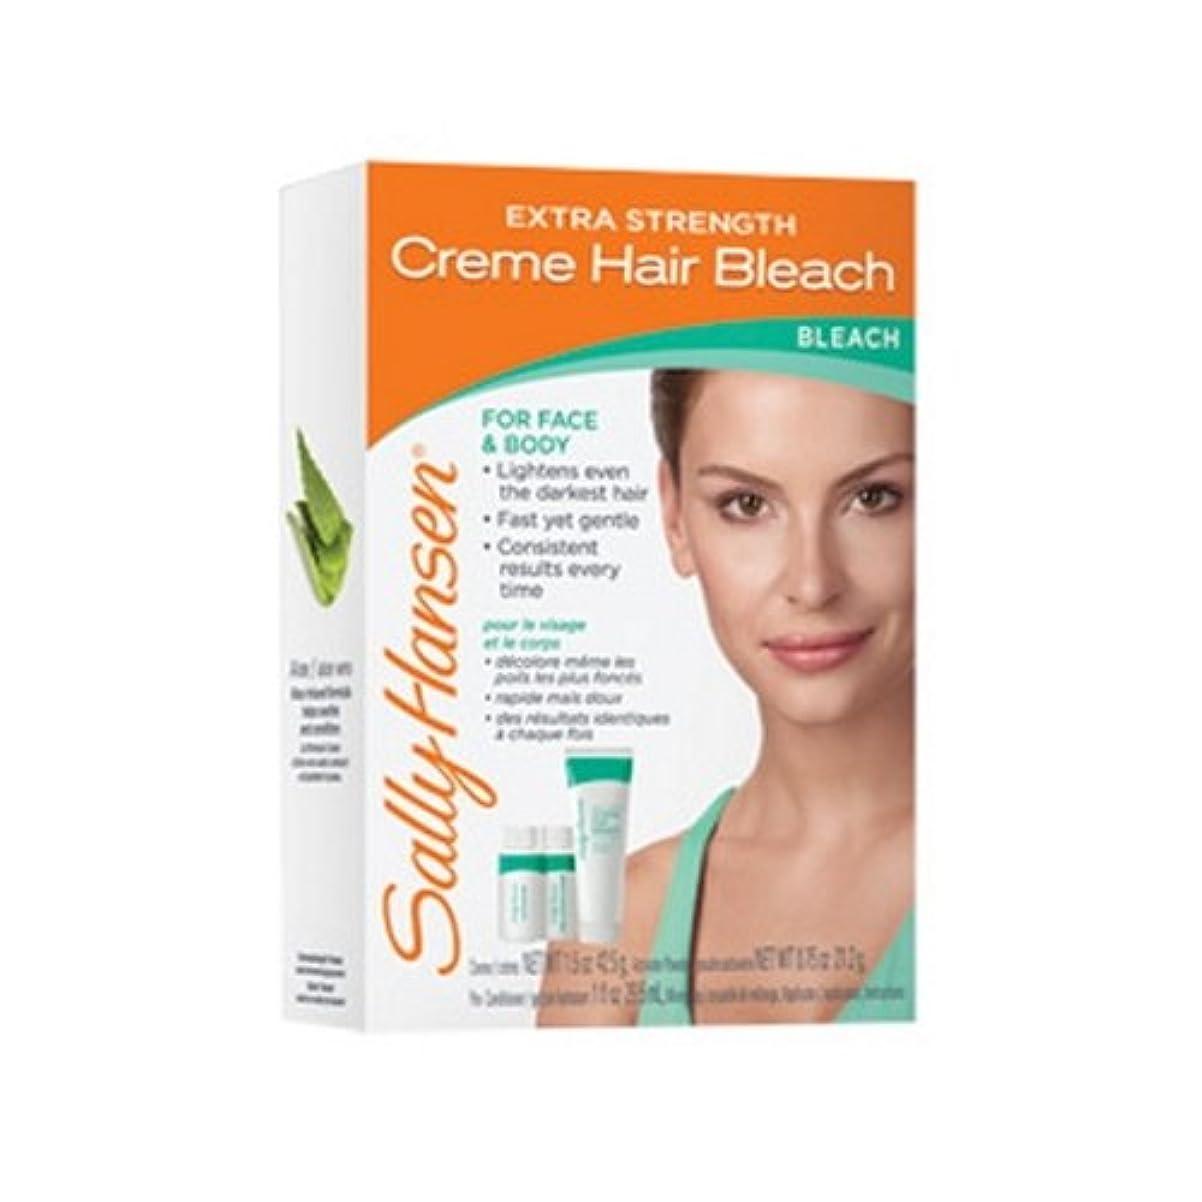 ただメンター溶接SALLY HANSEN Extra Strength Creme Hair Bleach for Face & Body - SH2010 (並行輸入品)